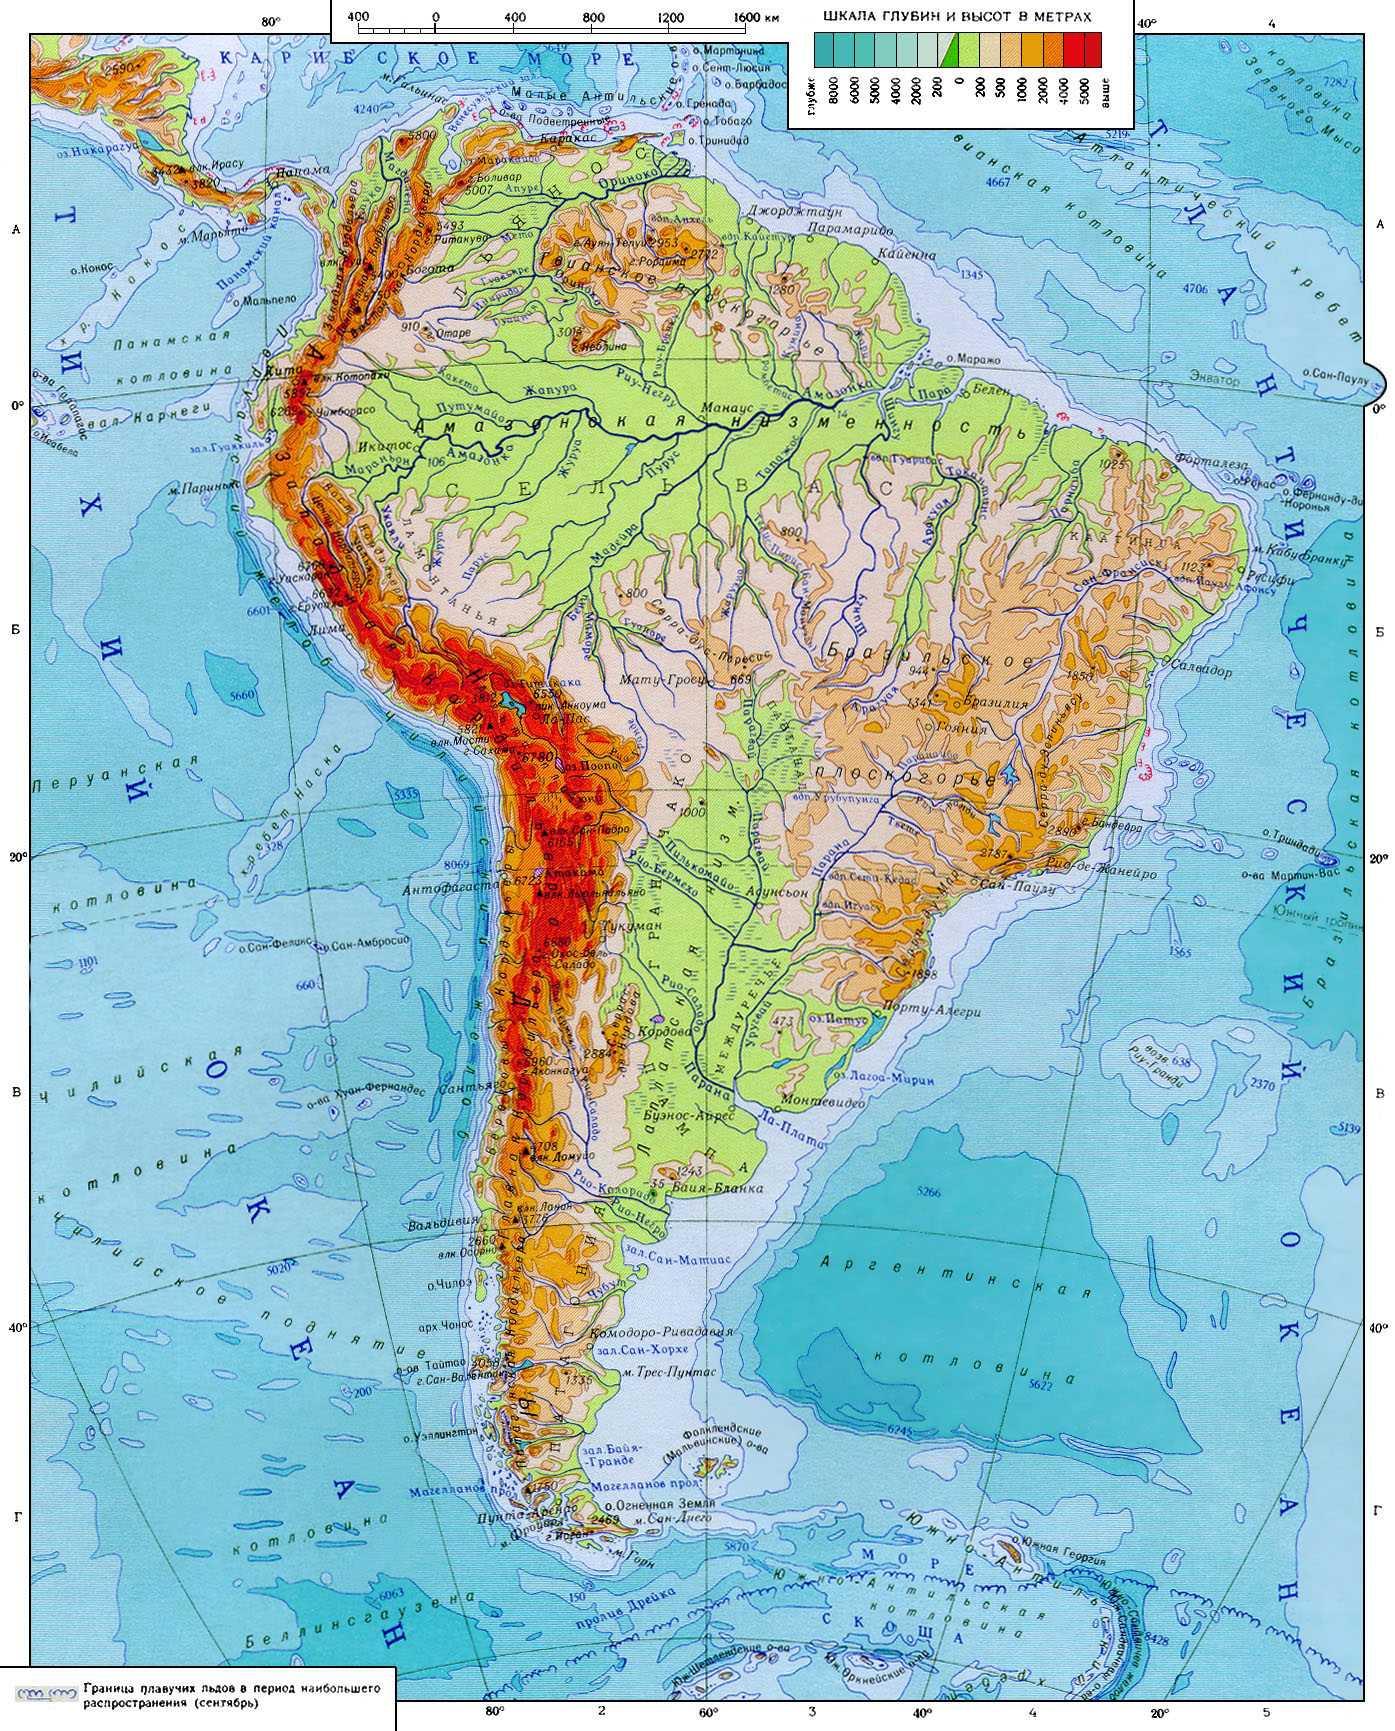 Спорная территория в южной америке